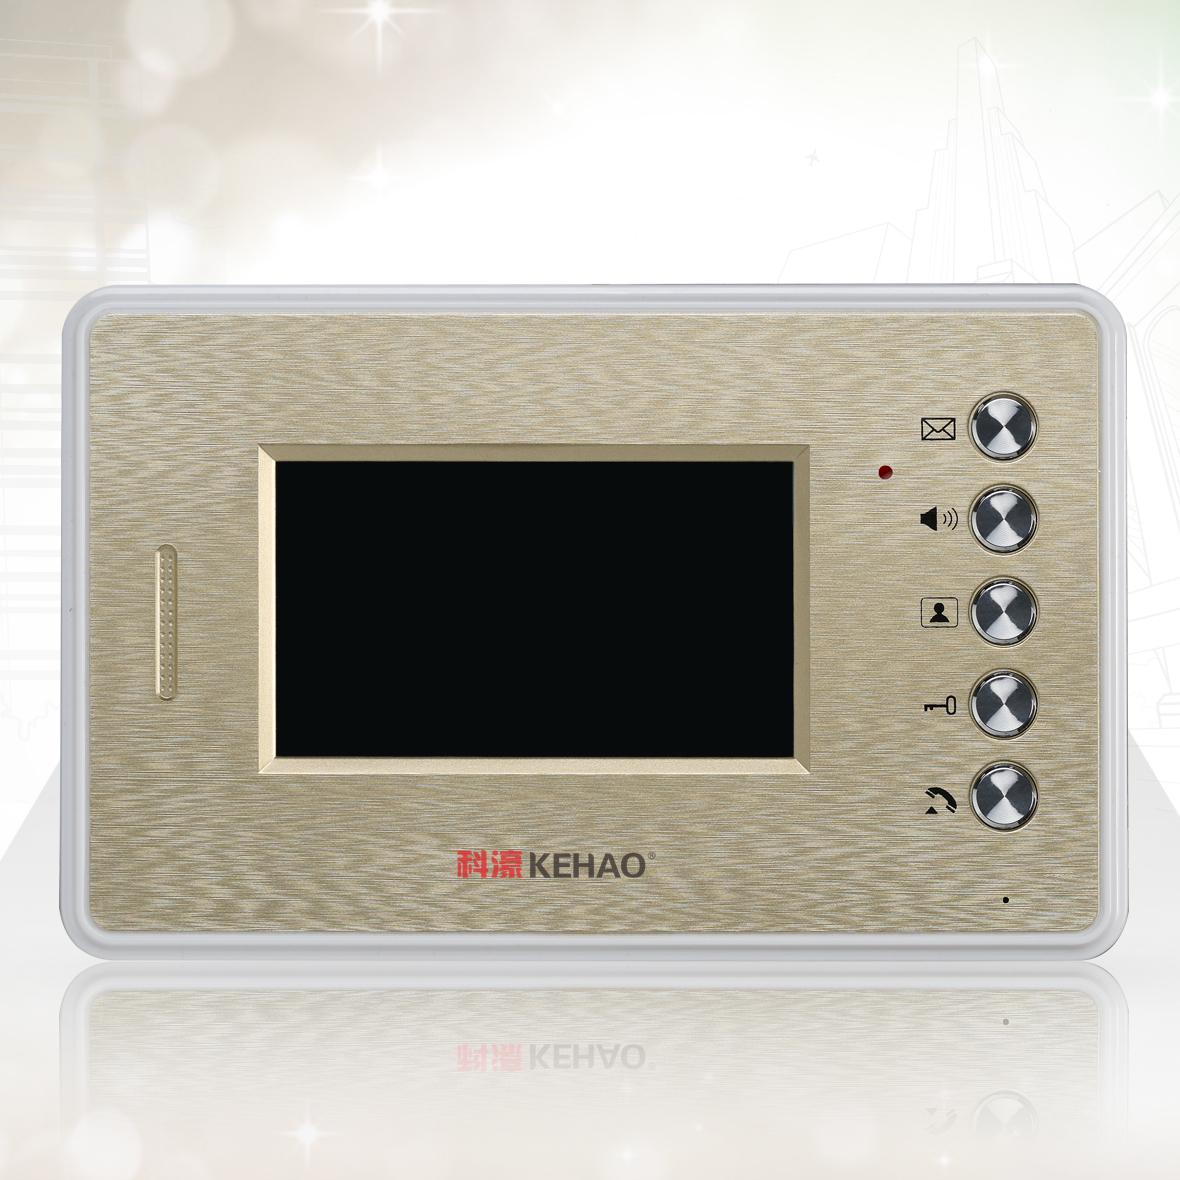 楼宇对讲 楼宇对讲系统 销售K26可视对讲室内机